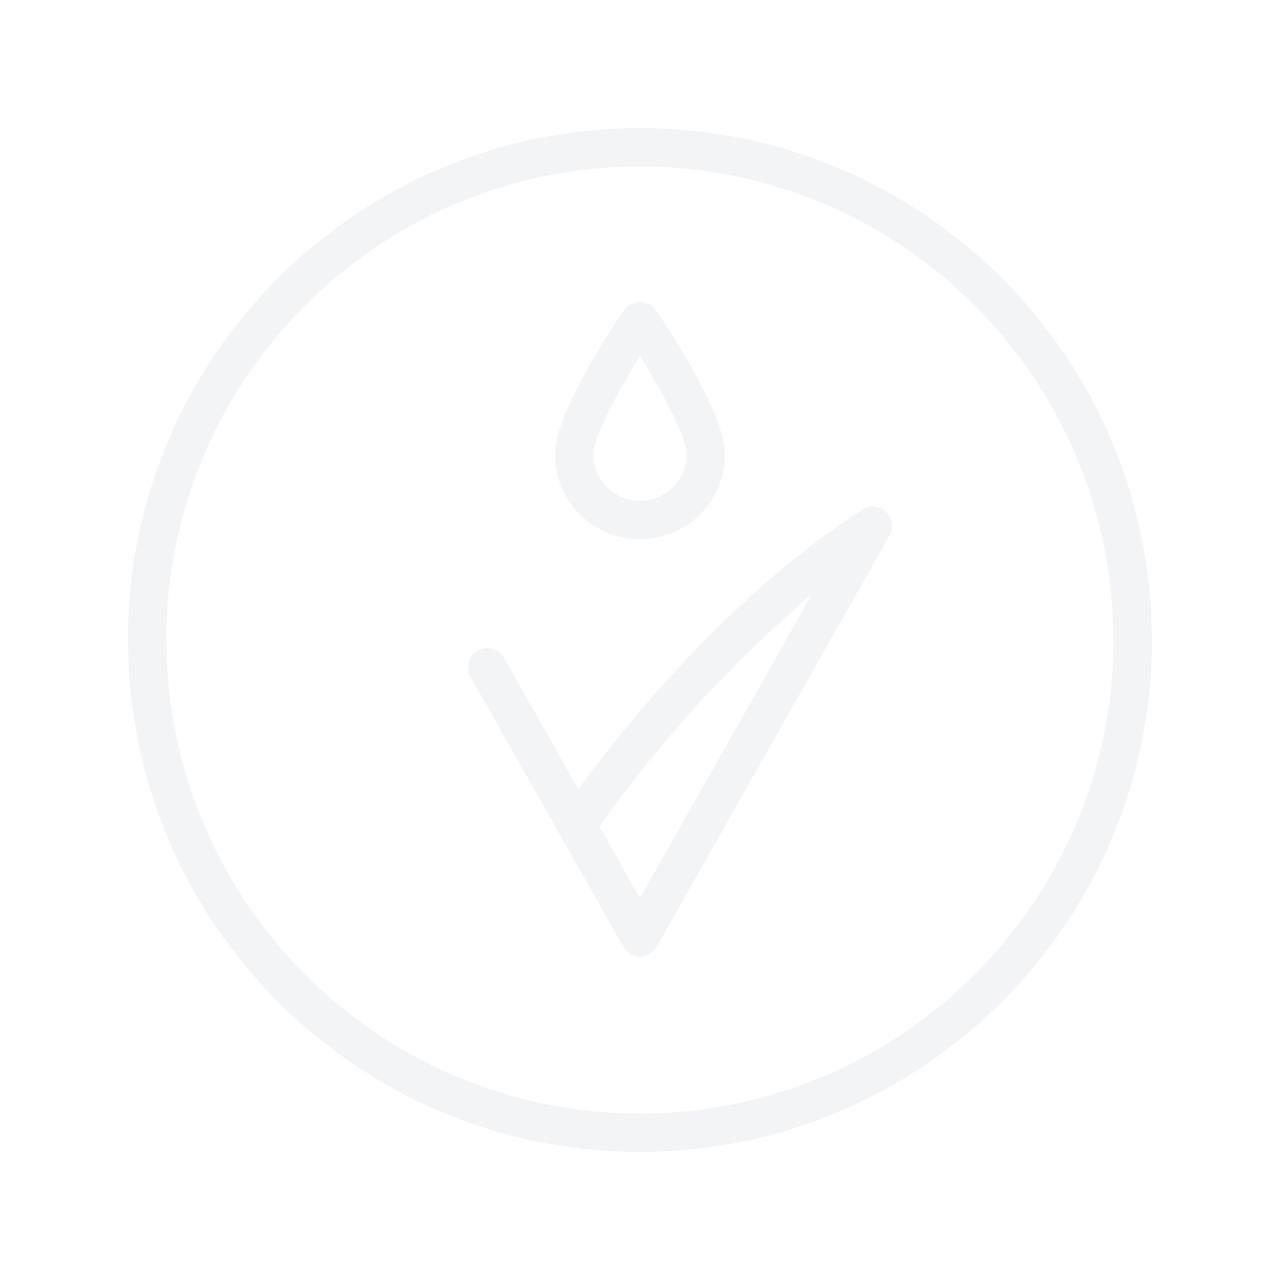 PUREDERM Eye Puffiness Minimizing Patches 6x2pcs